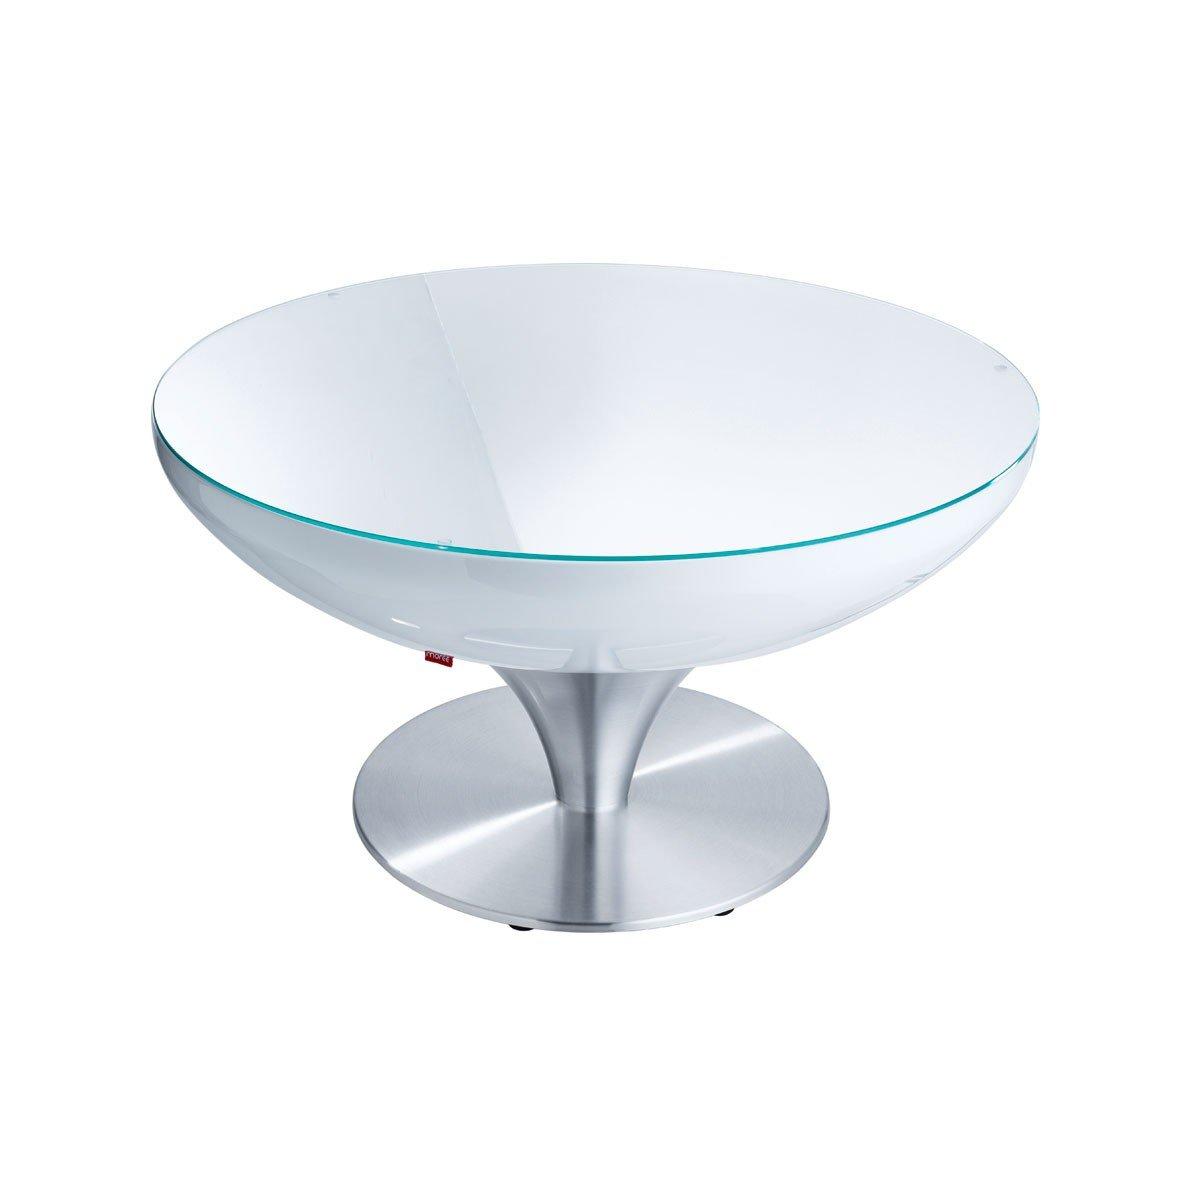 moree Lounge Tisch Lounge 45, Metallisch/Weiß, Aluminium/ Kunststoff, 07-05-04